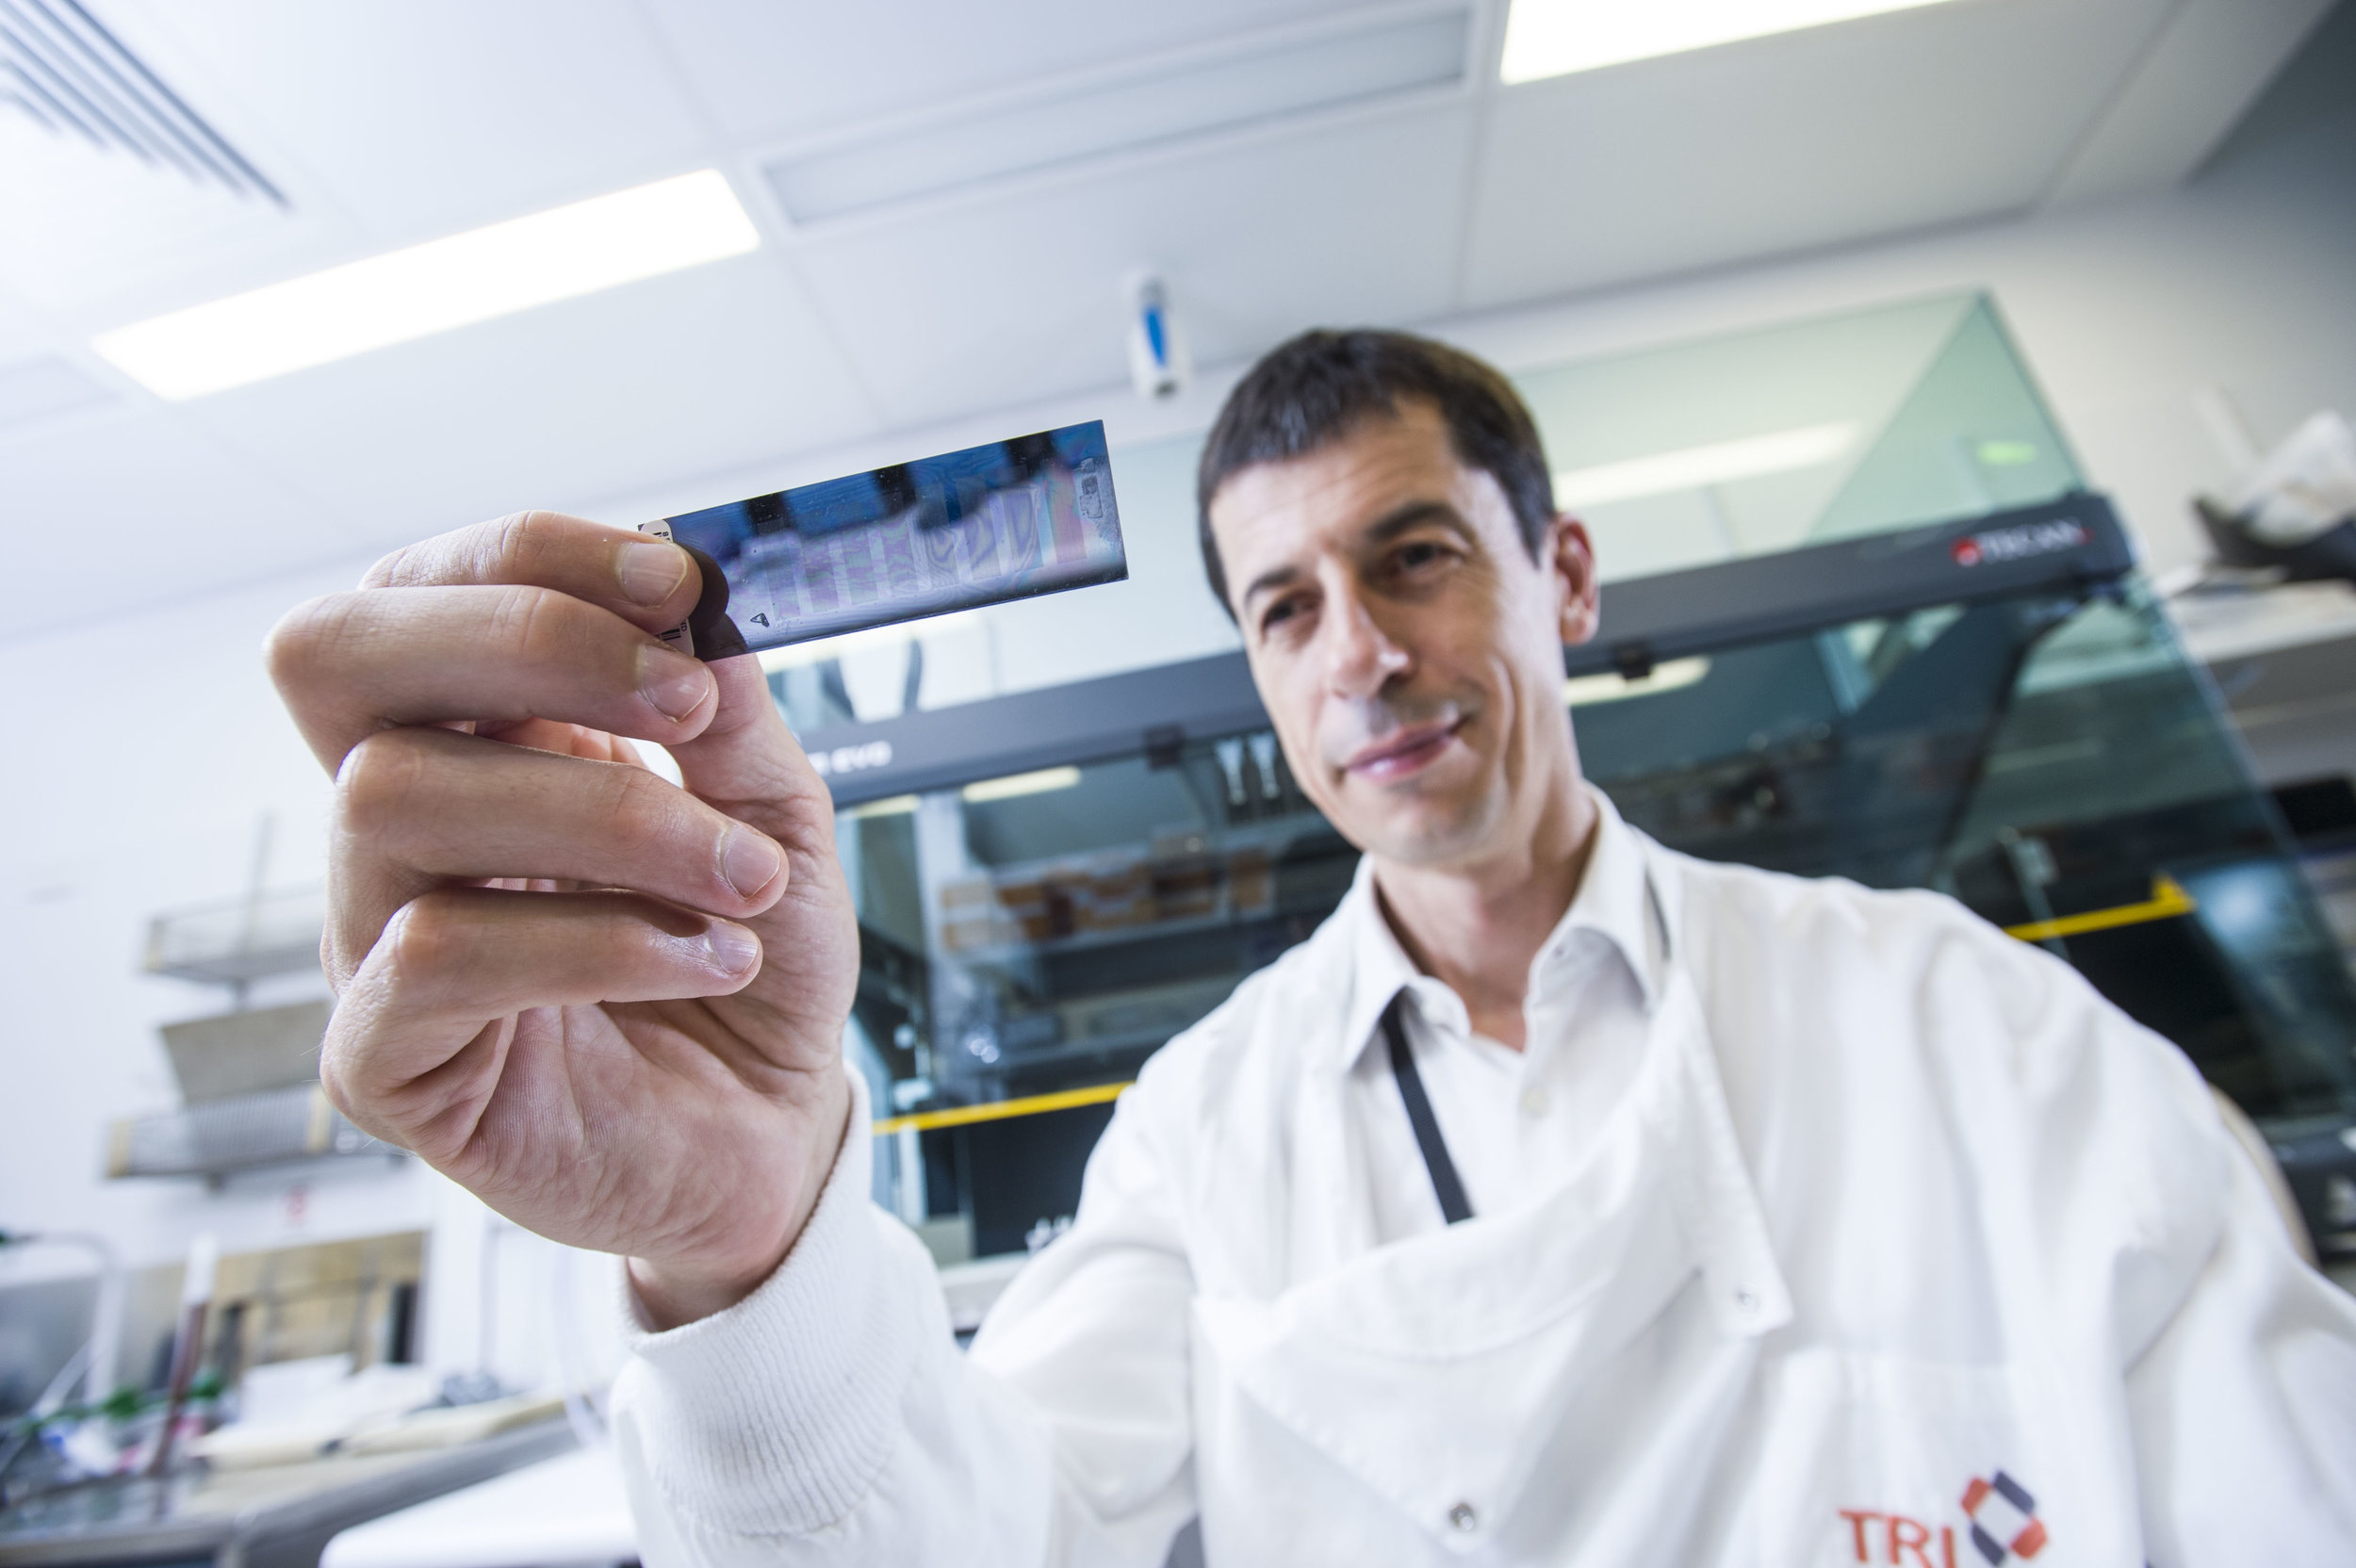 Genomics in Queensland Healthcare -